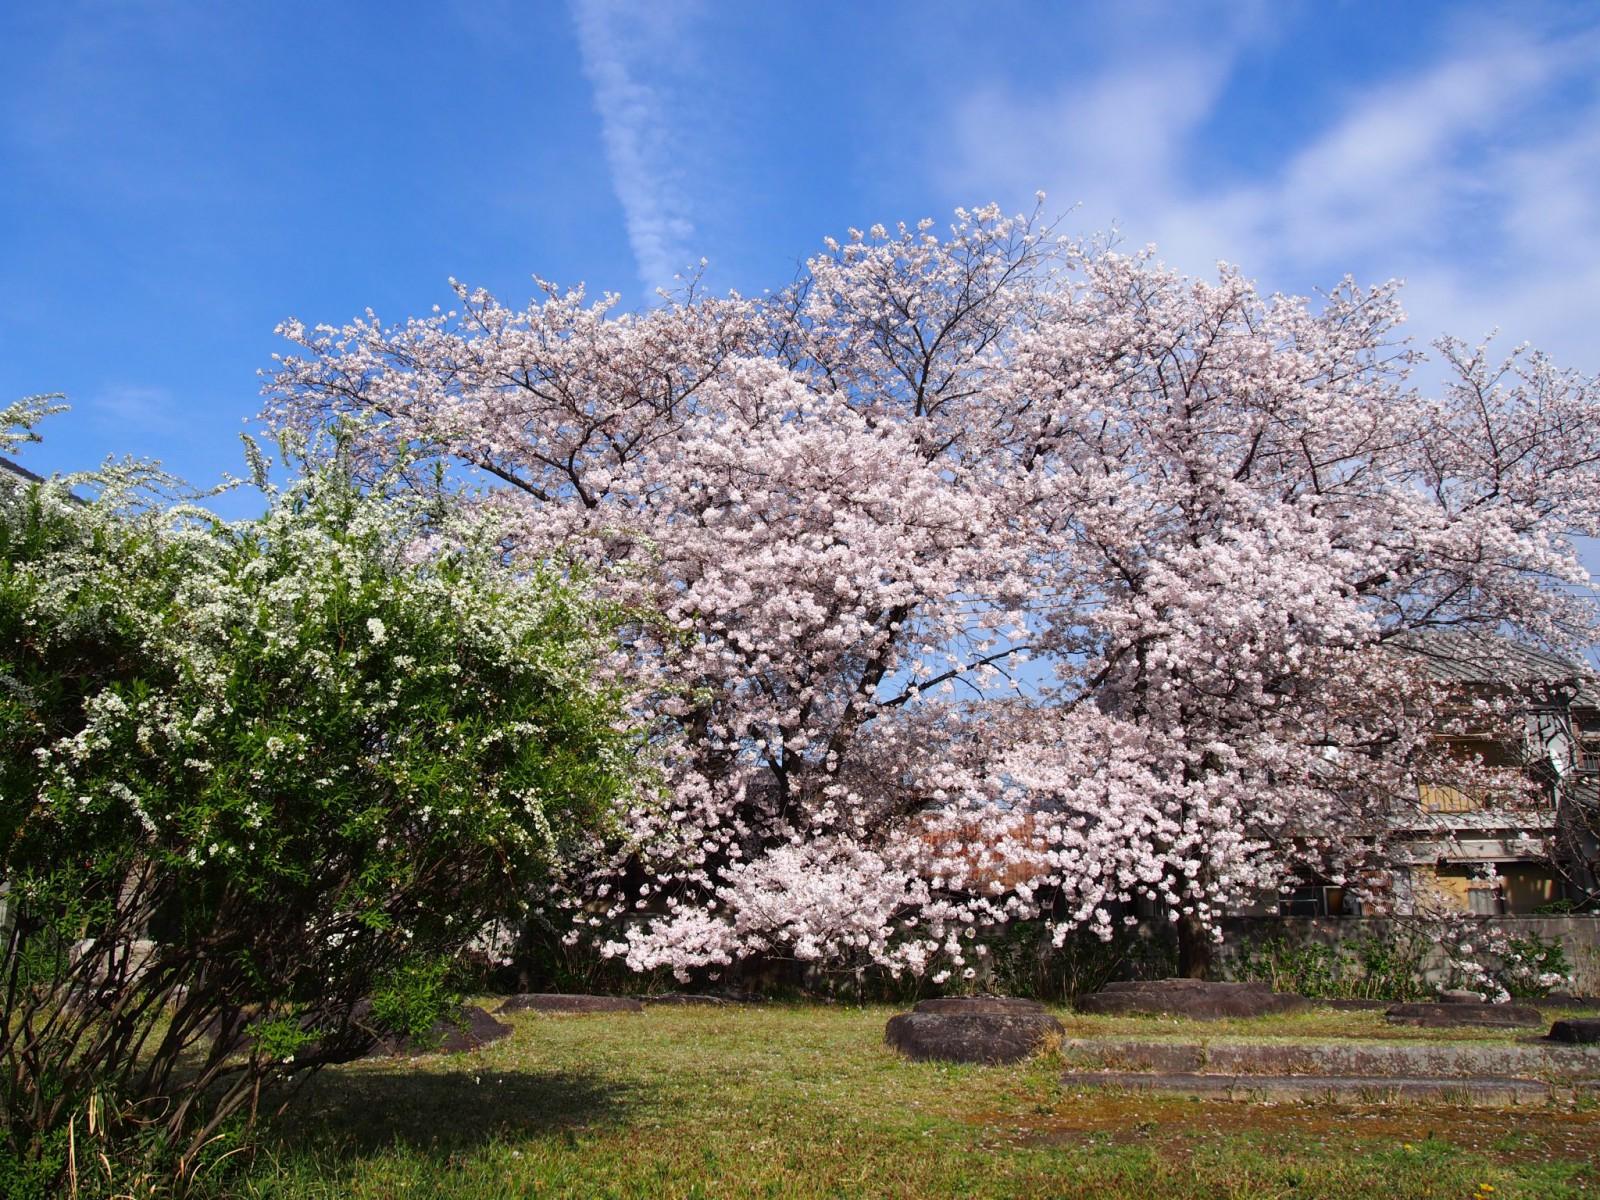 隠れた桜の名所「元興寺塔跡」